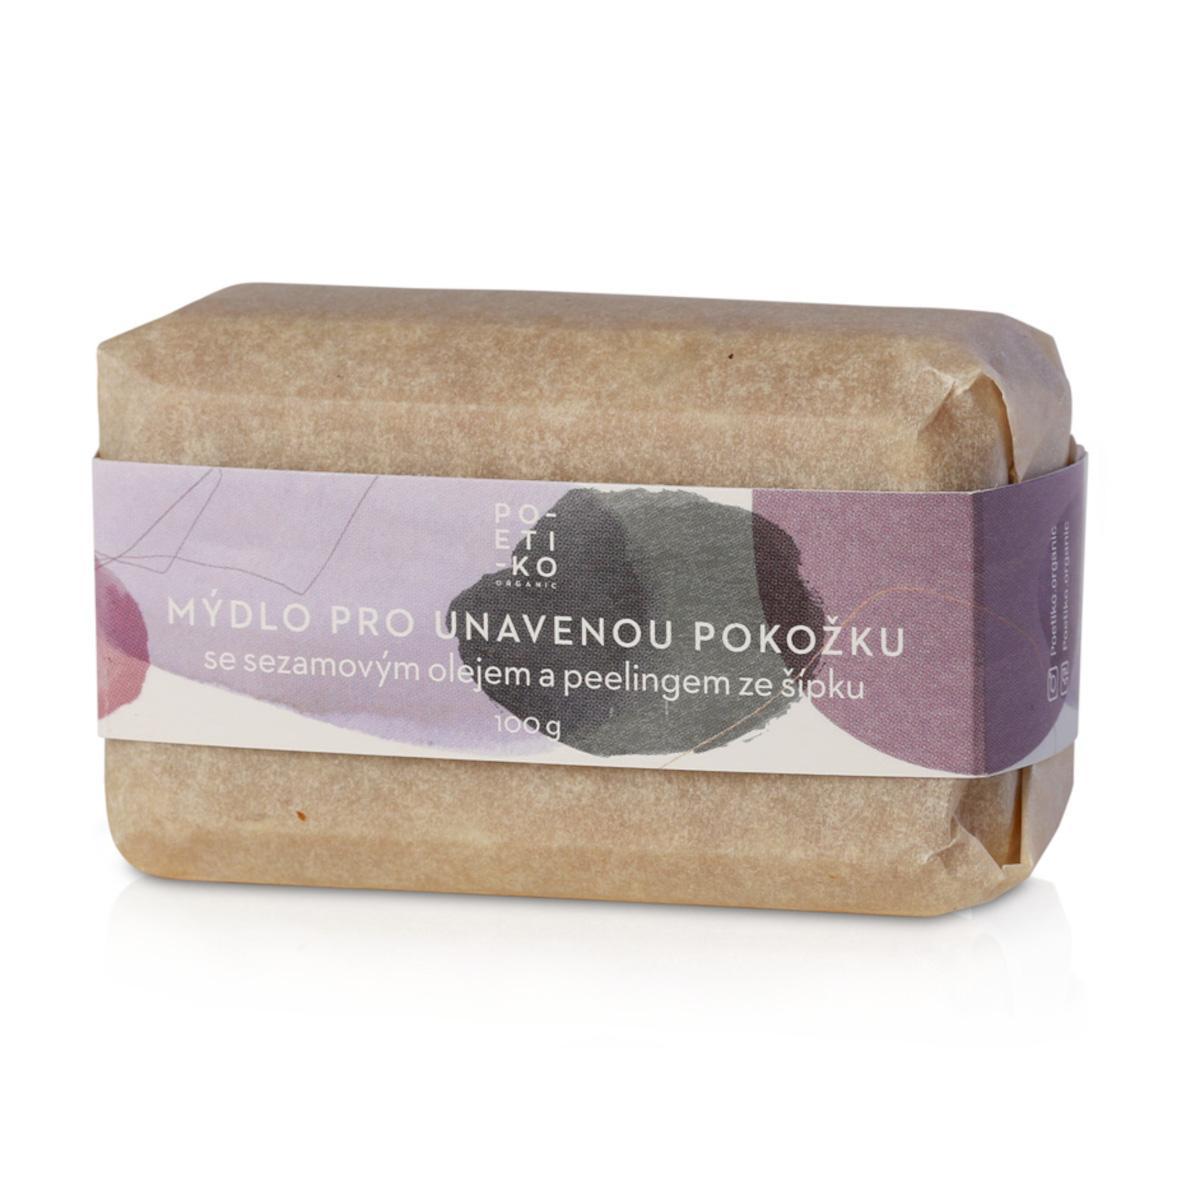 POETIKO Mýdlo pro unavenou pokožku se sezamovým olejem a peelingem ze šípku 100 g